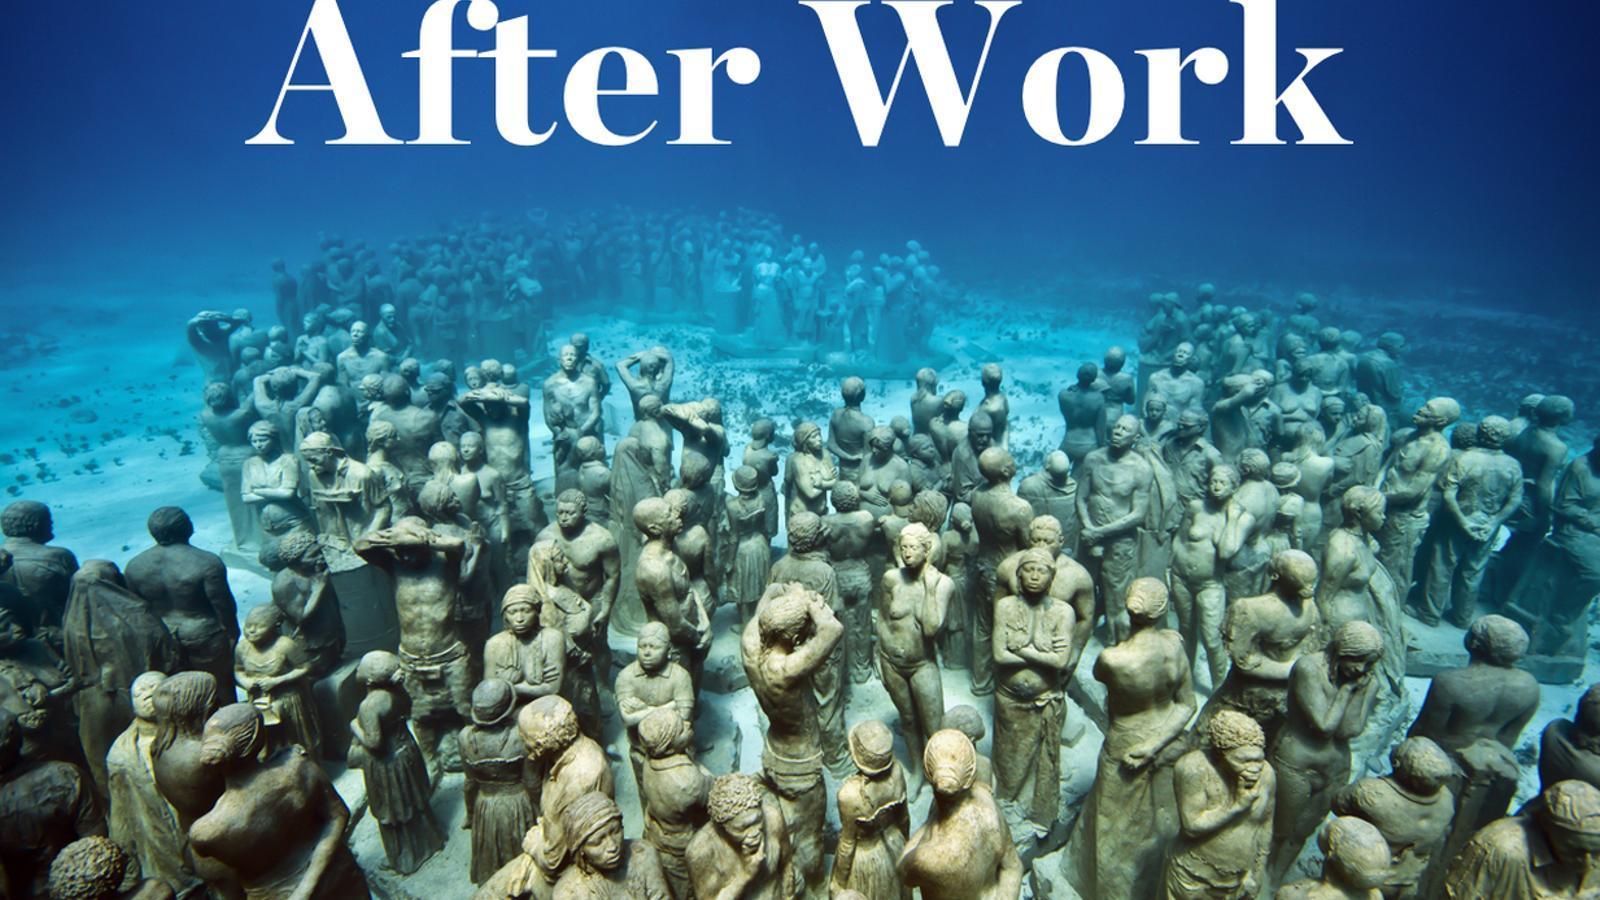 L'After Work: Els llocs més recòndits trobats per Google Ocean View